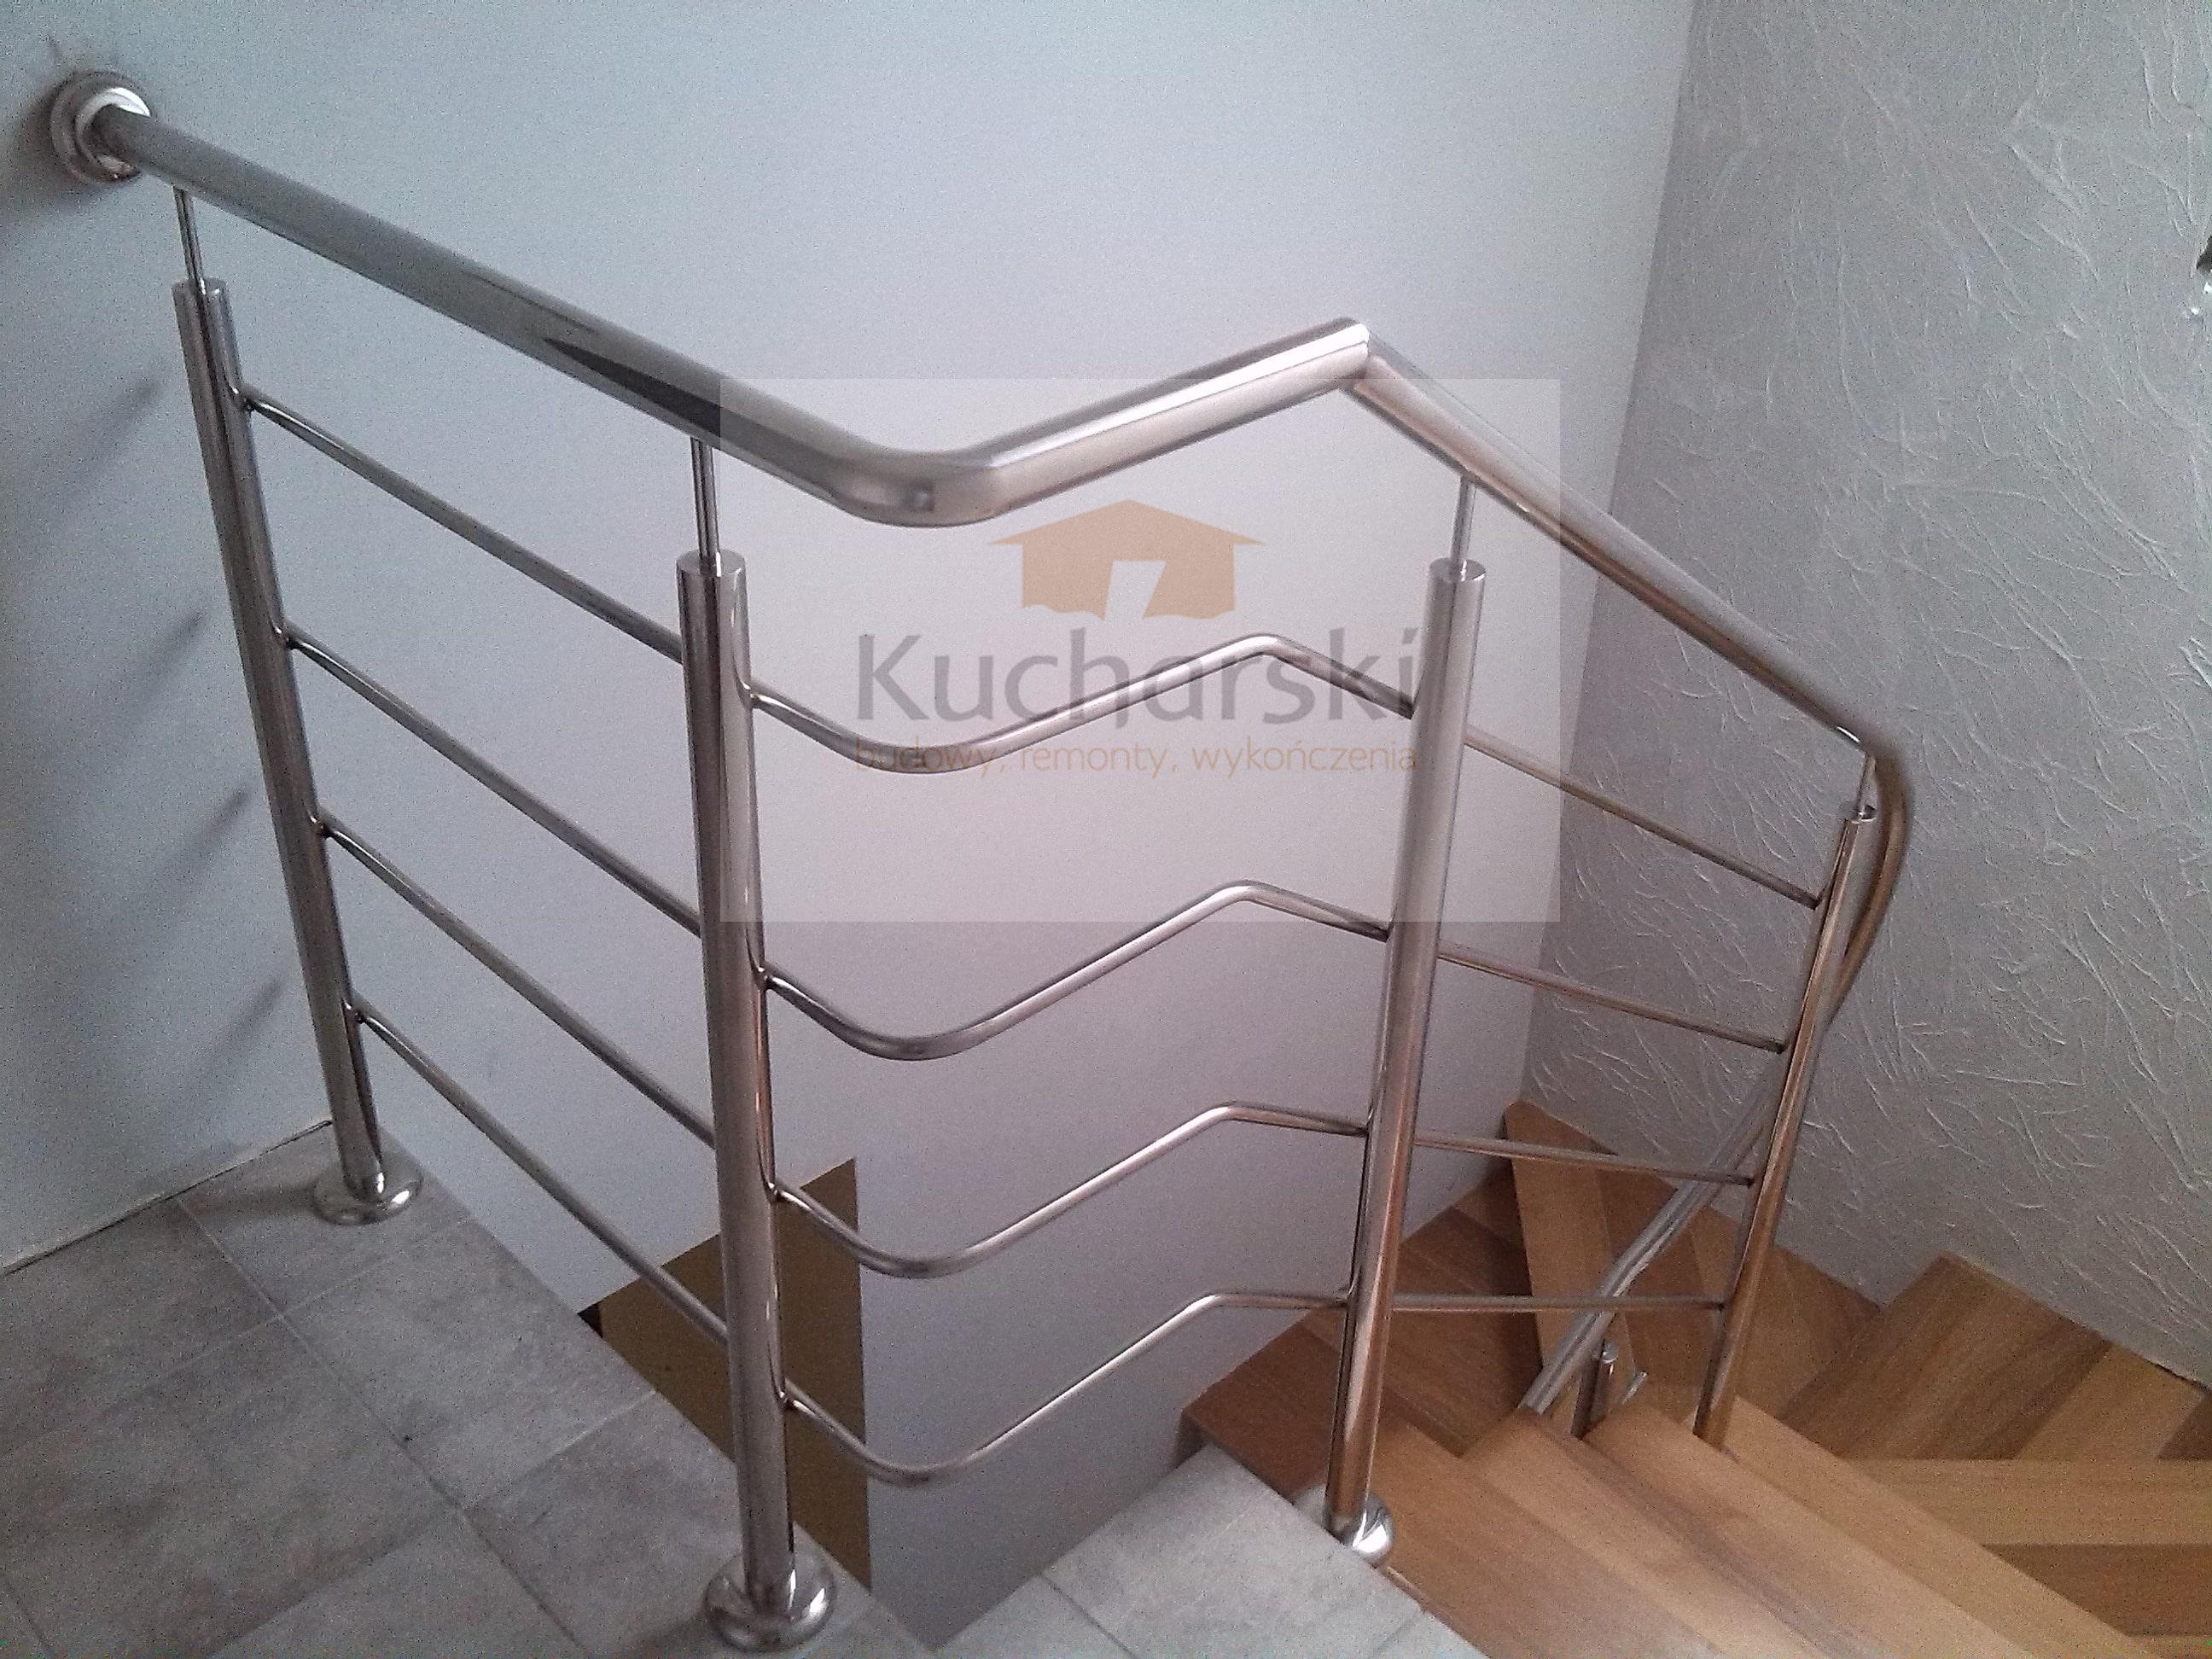 barierki schodowe nierdzewne (4)